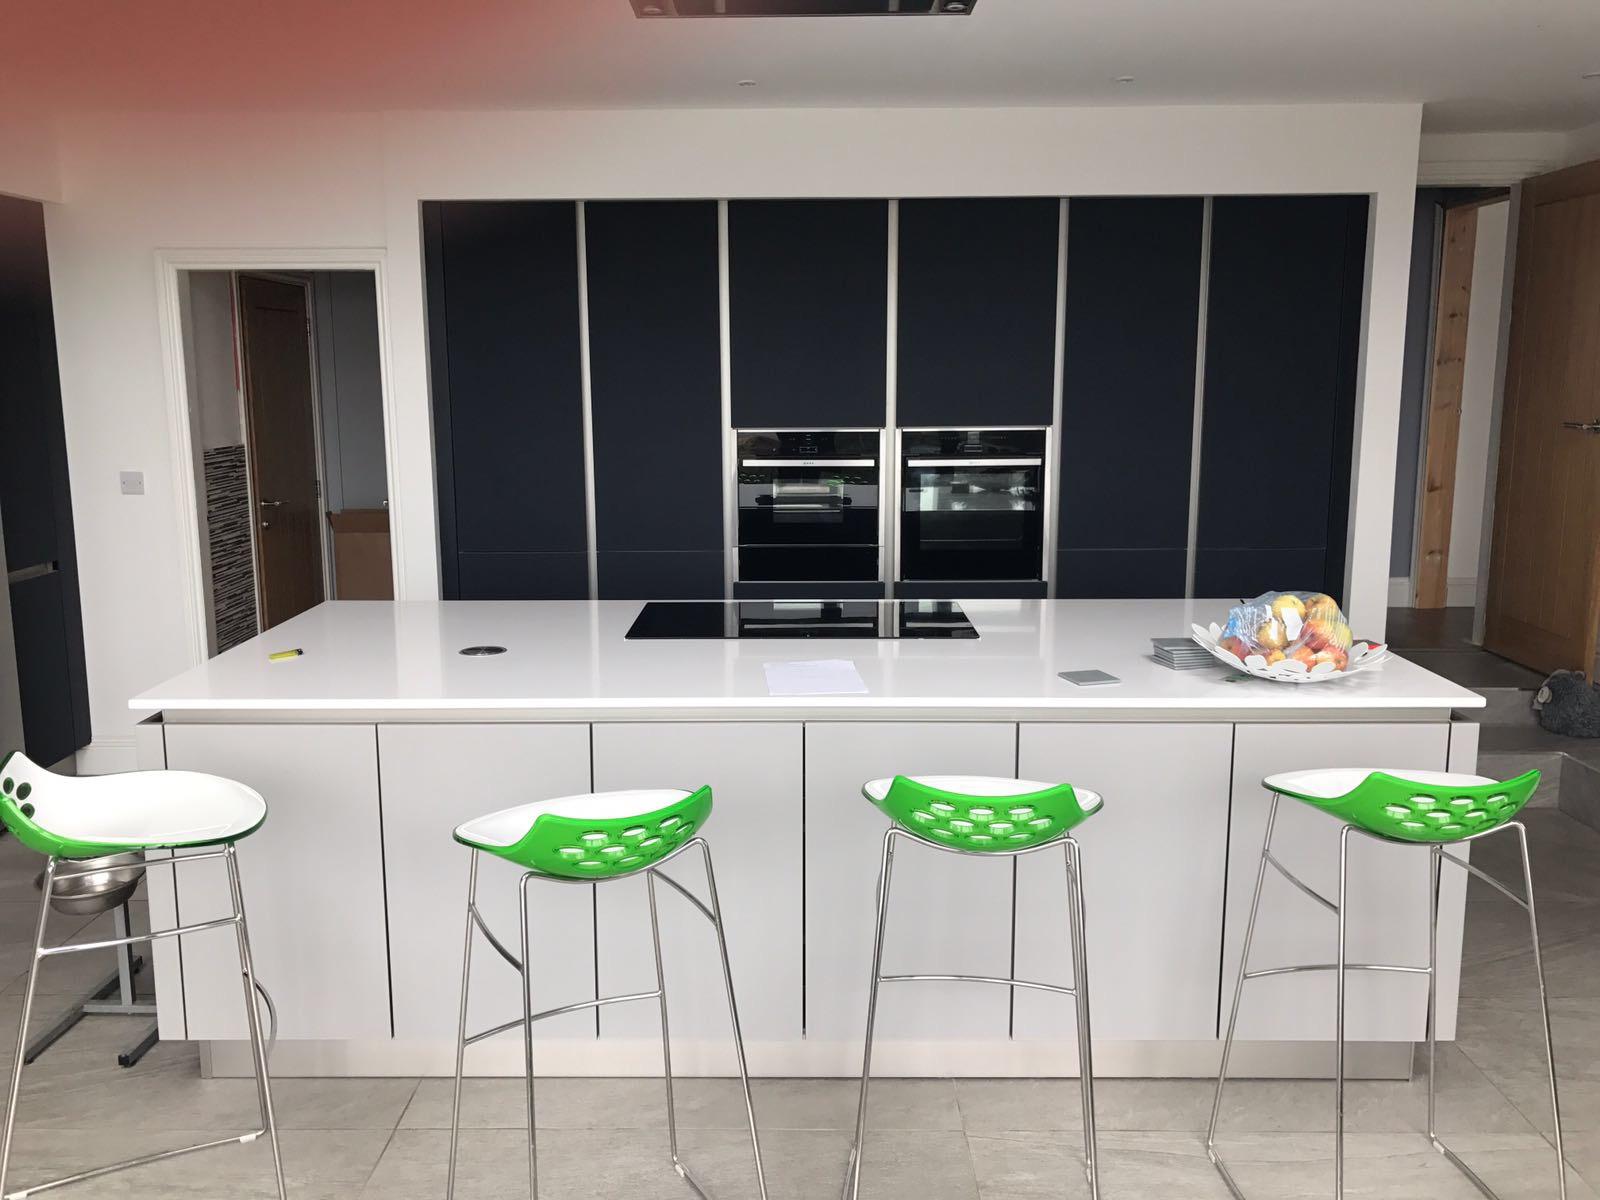 Schuller Next 125 Glassline German kitchen in NX902 Indigo Blue